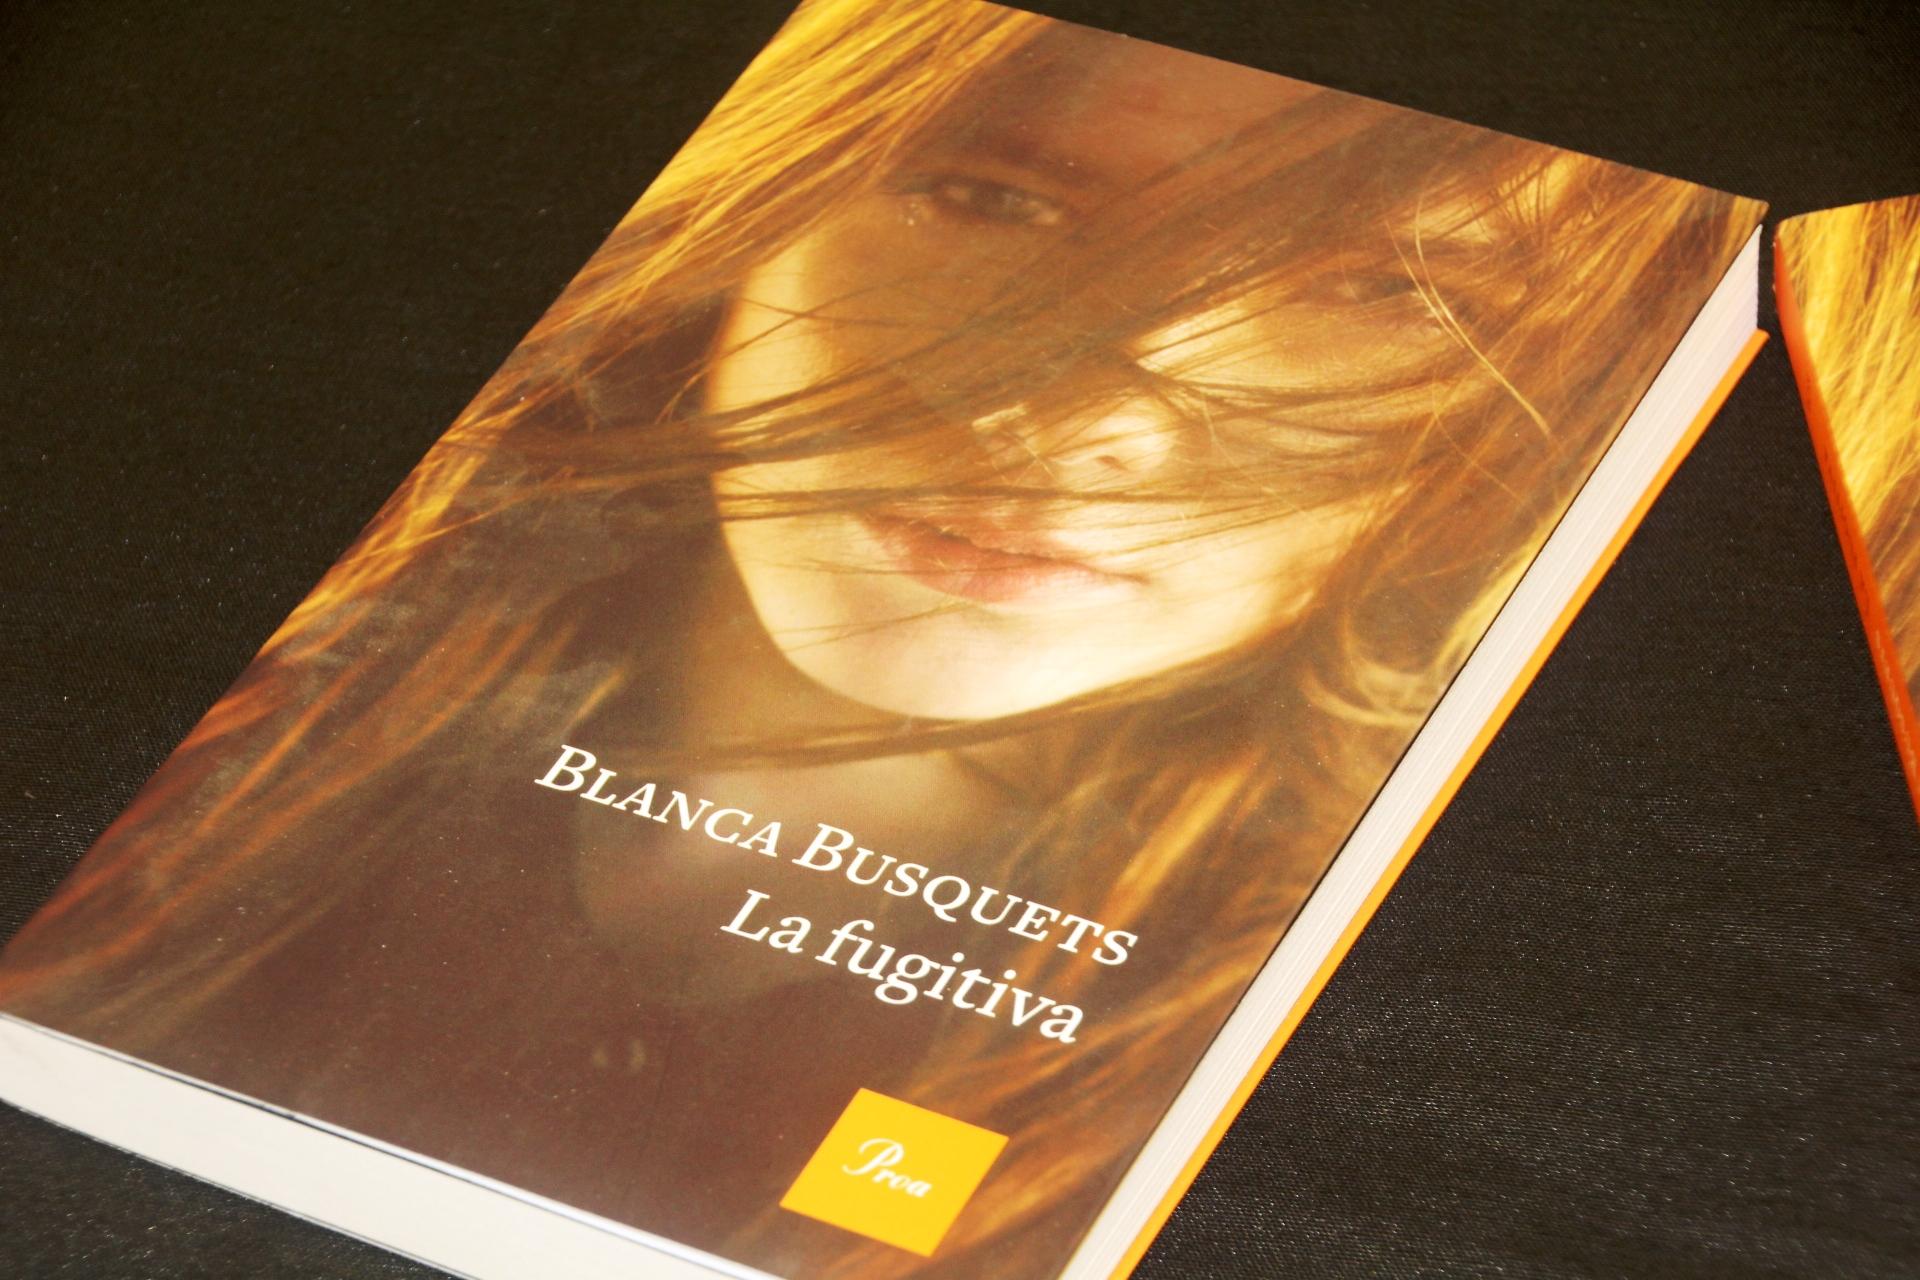 'La fugitiva' de Blanca Busquets